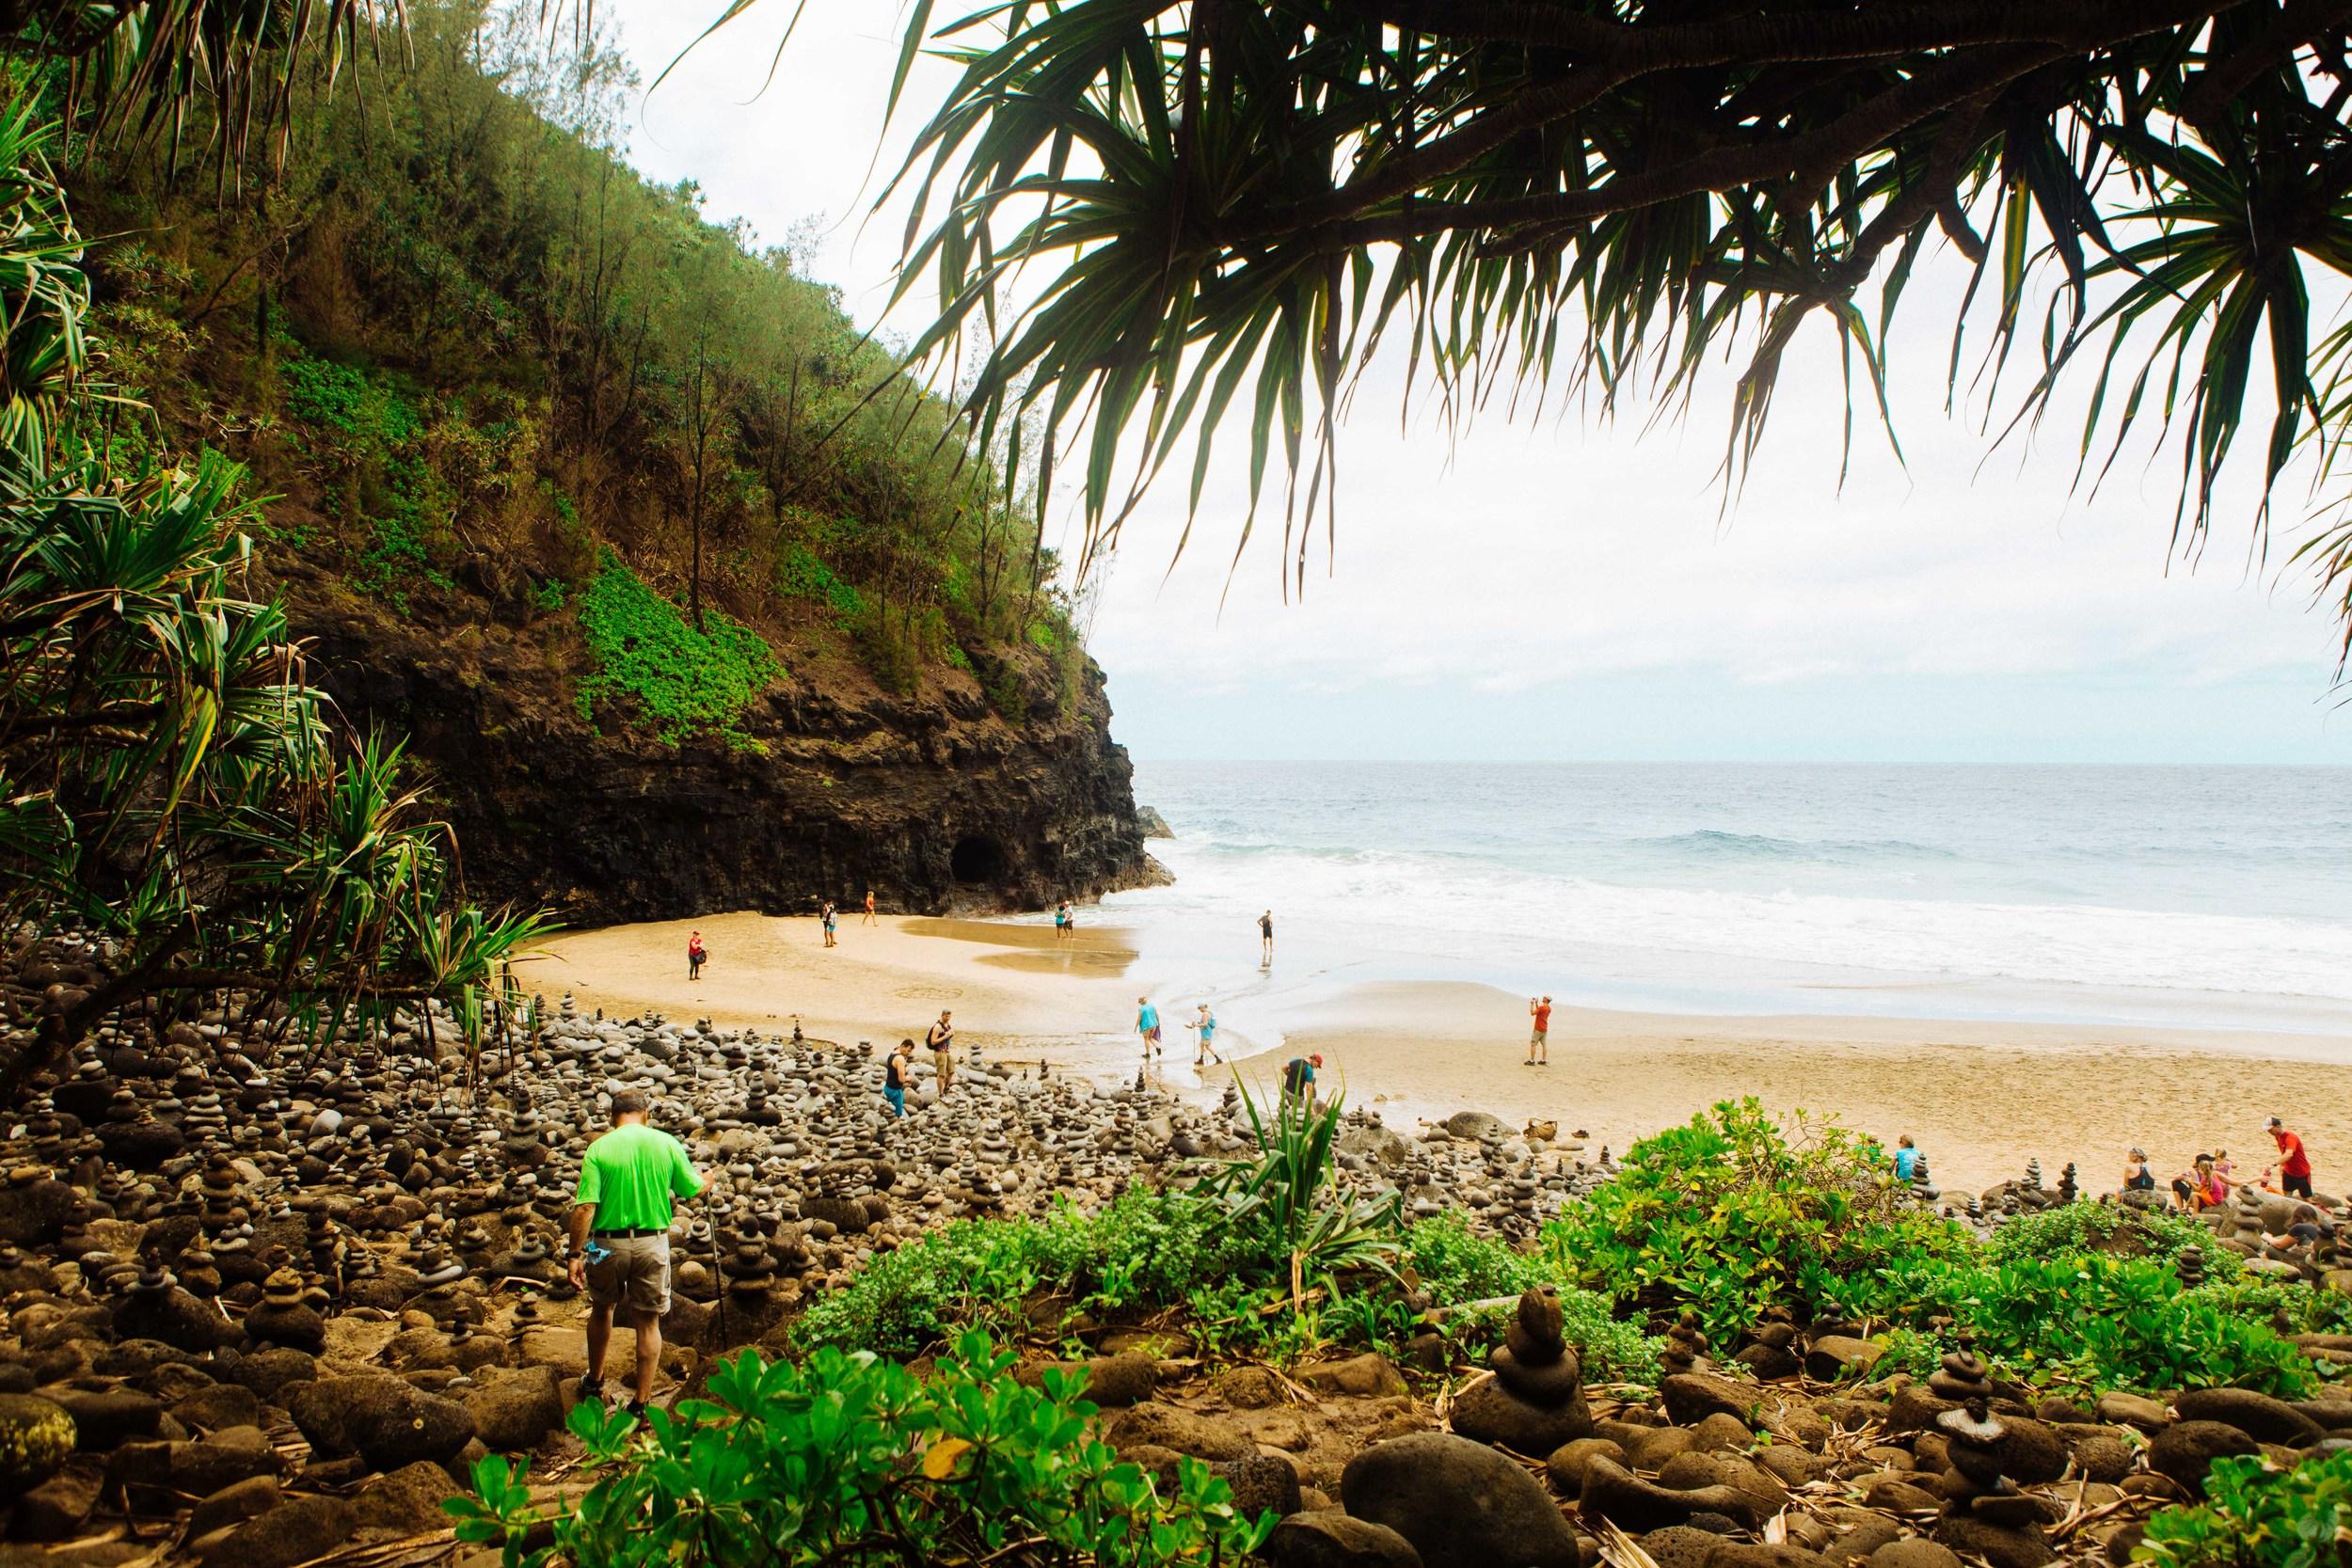 Kauai_day2_-121-2.jpg